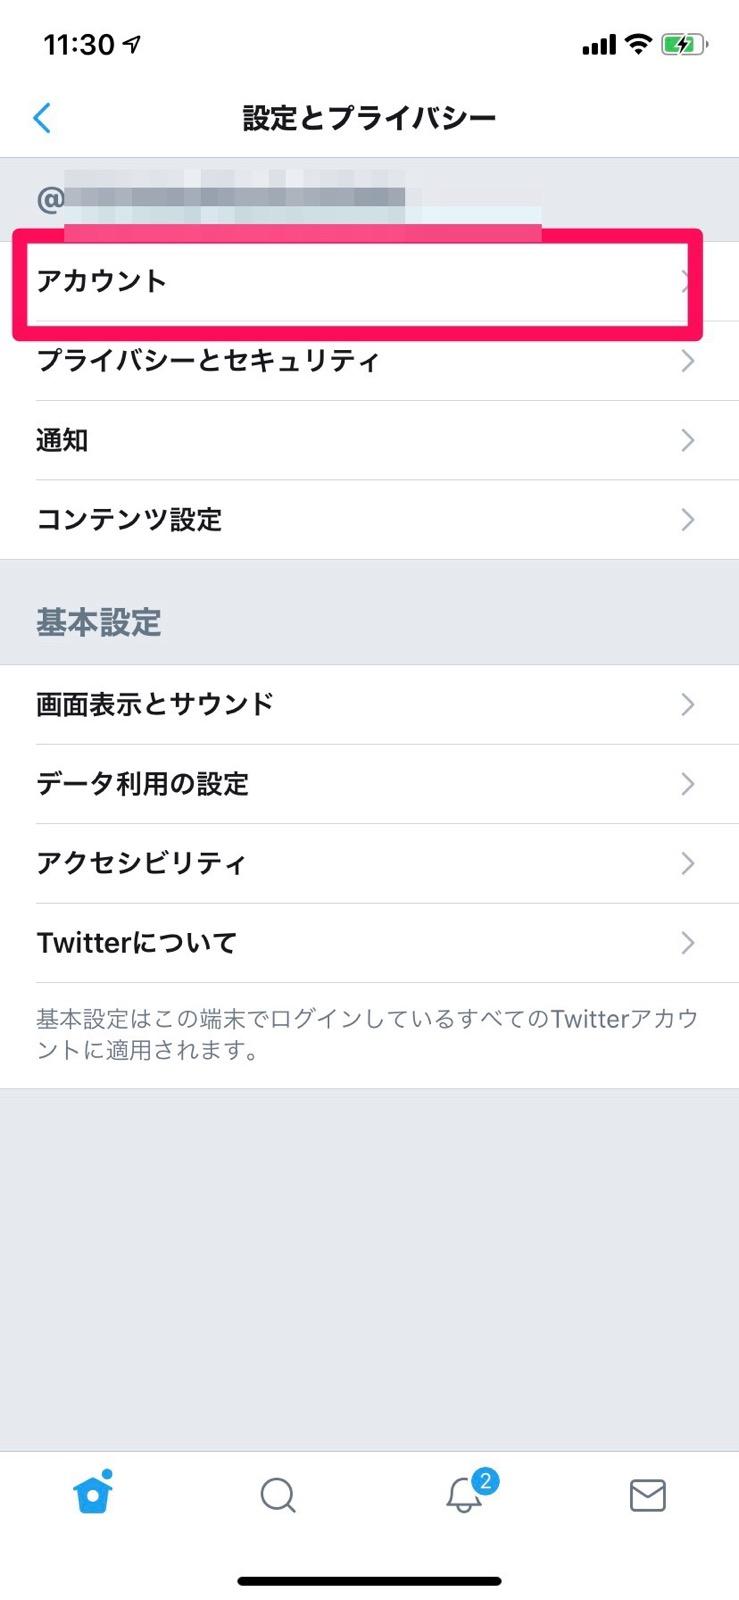 Twitter設定とプライバシー